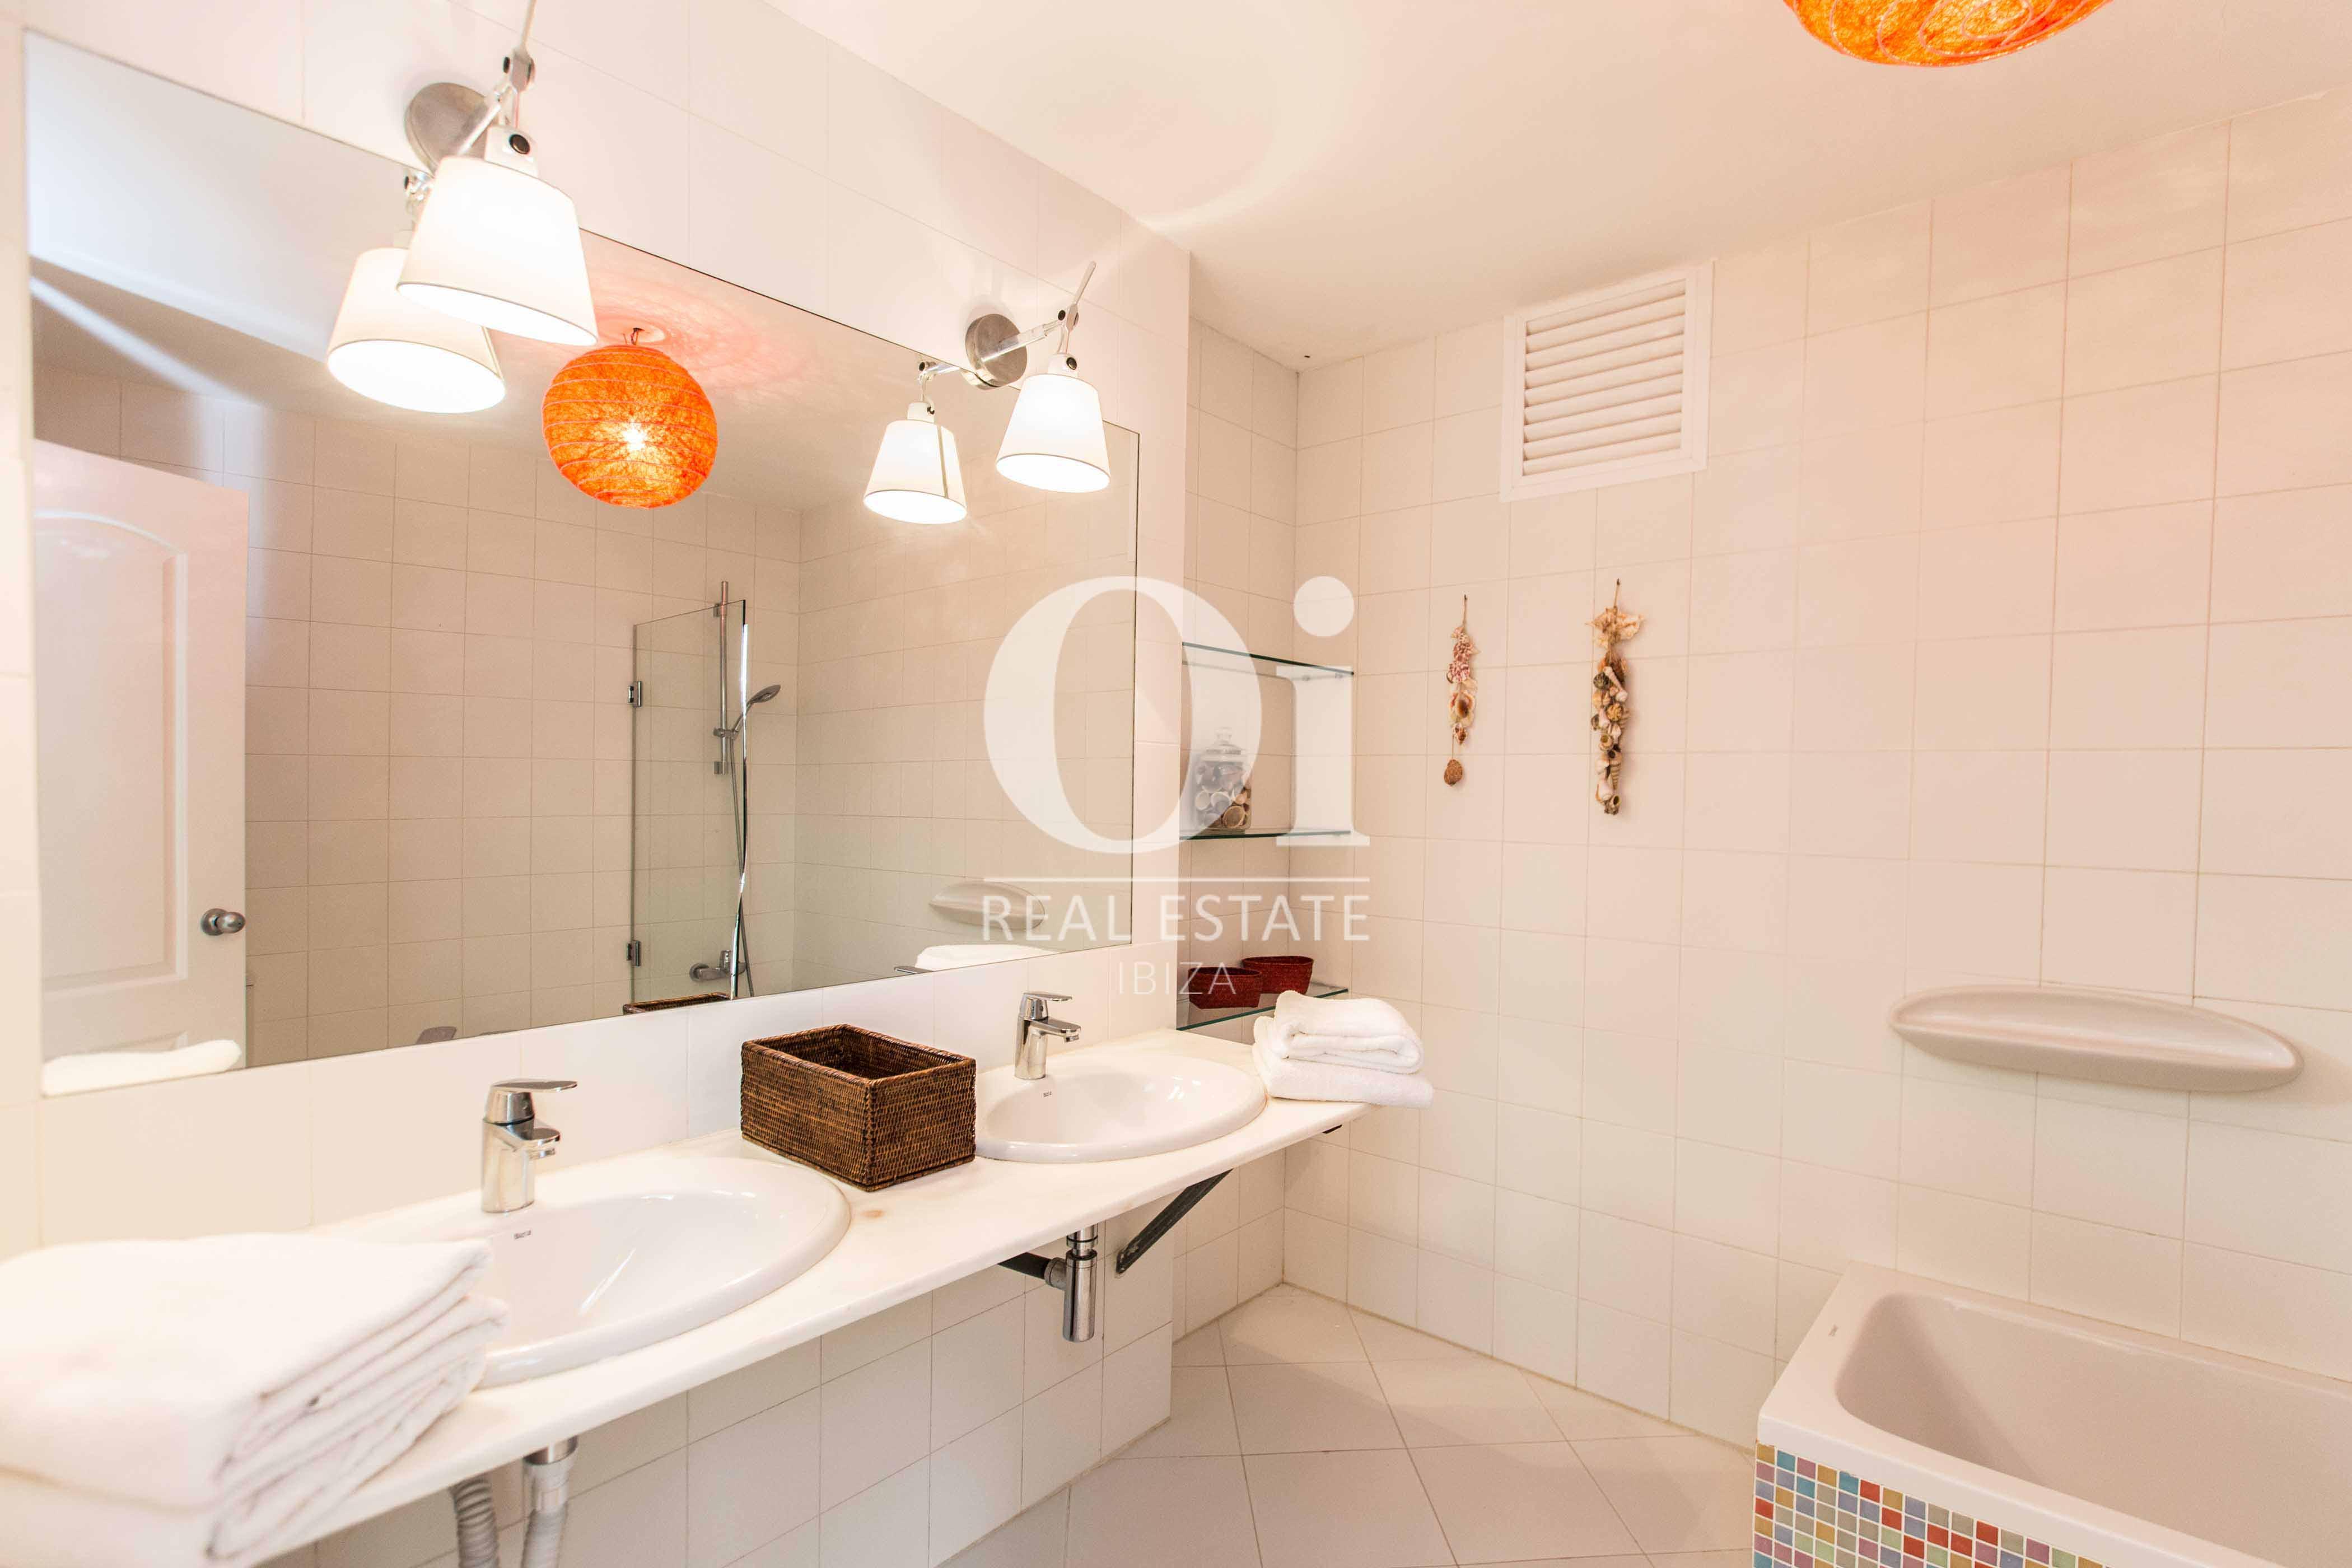 Baño  de casa de alquiler de estancia en Roca Llisa, Ibiza